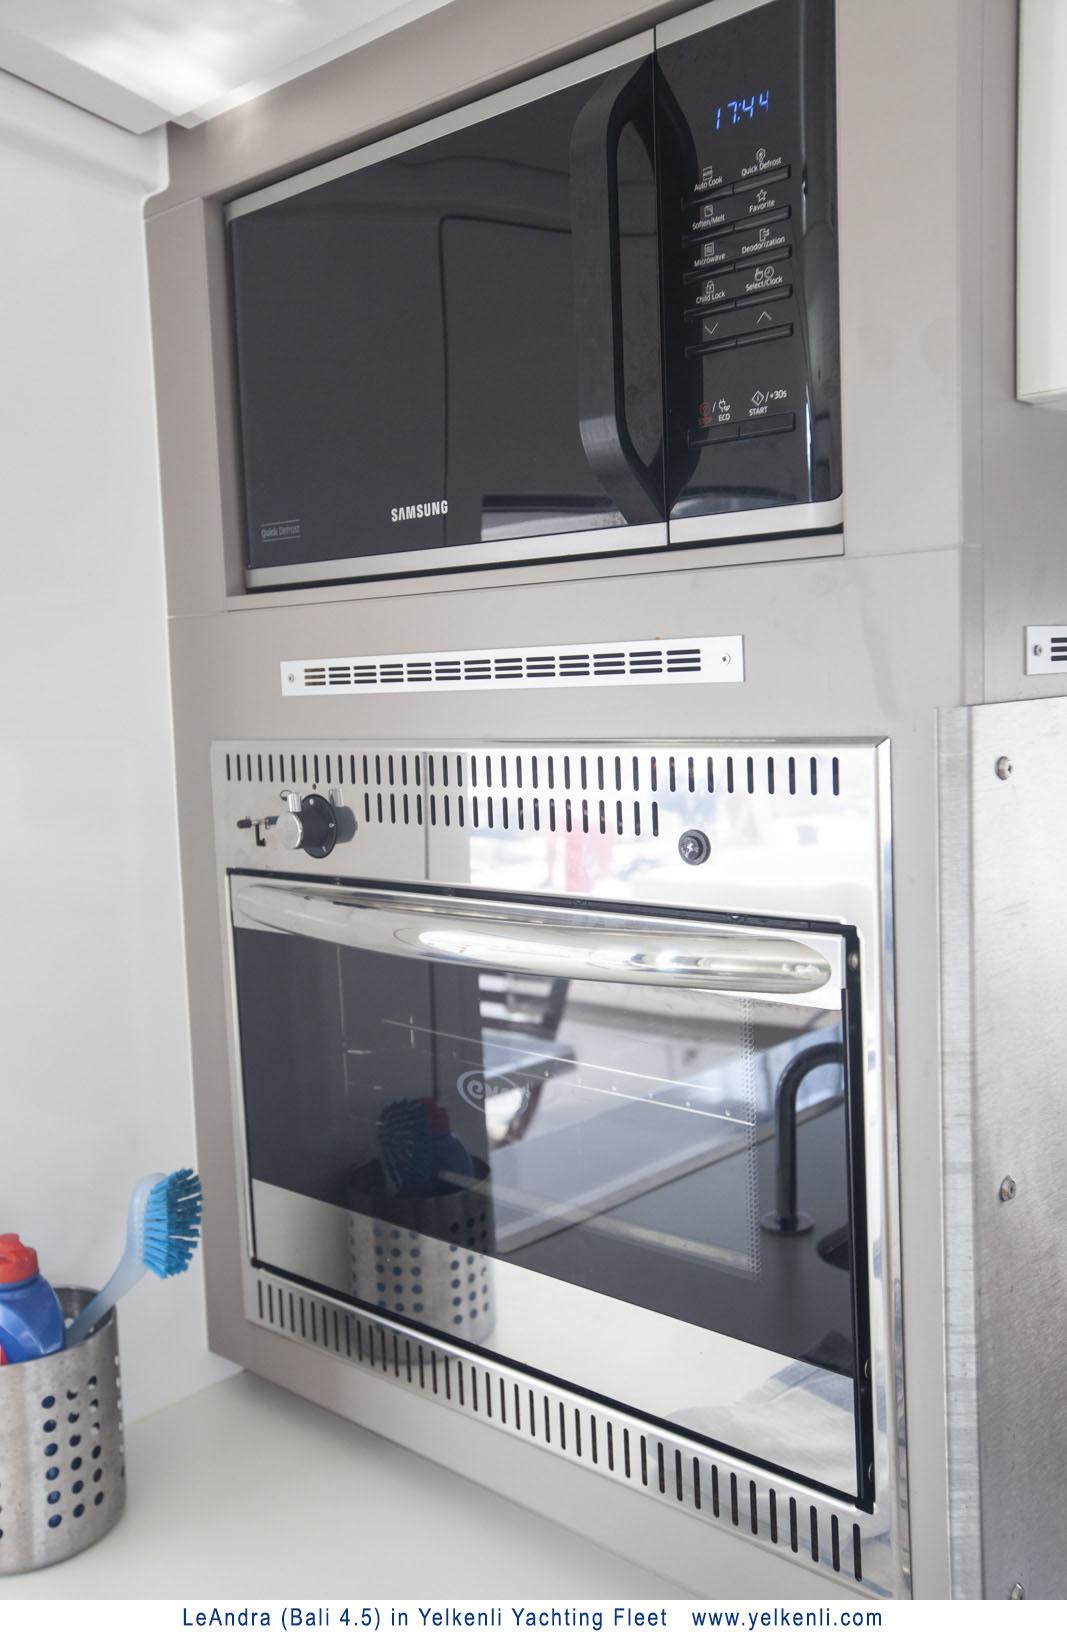 Bali 4.5 (LeAndra) Micro Wave - Oven - 7